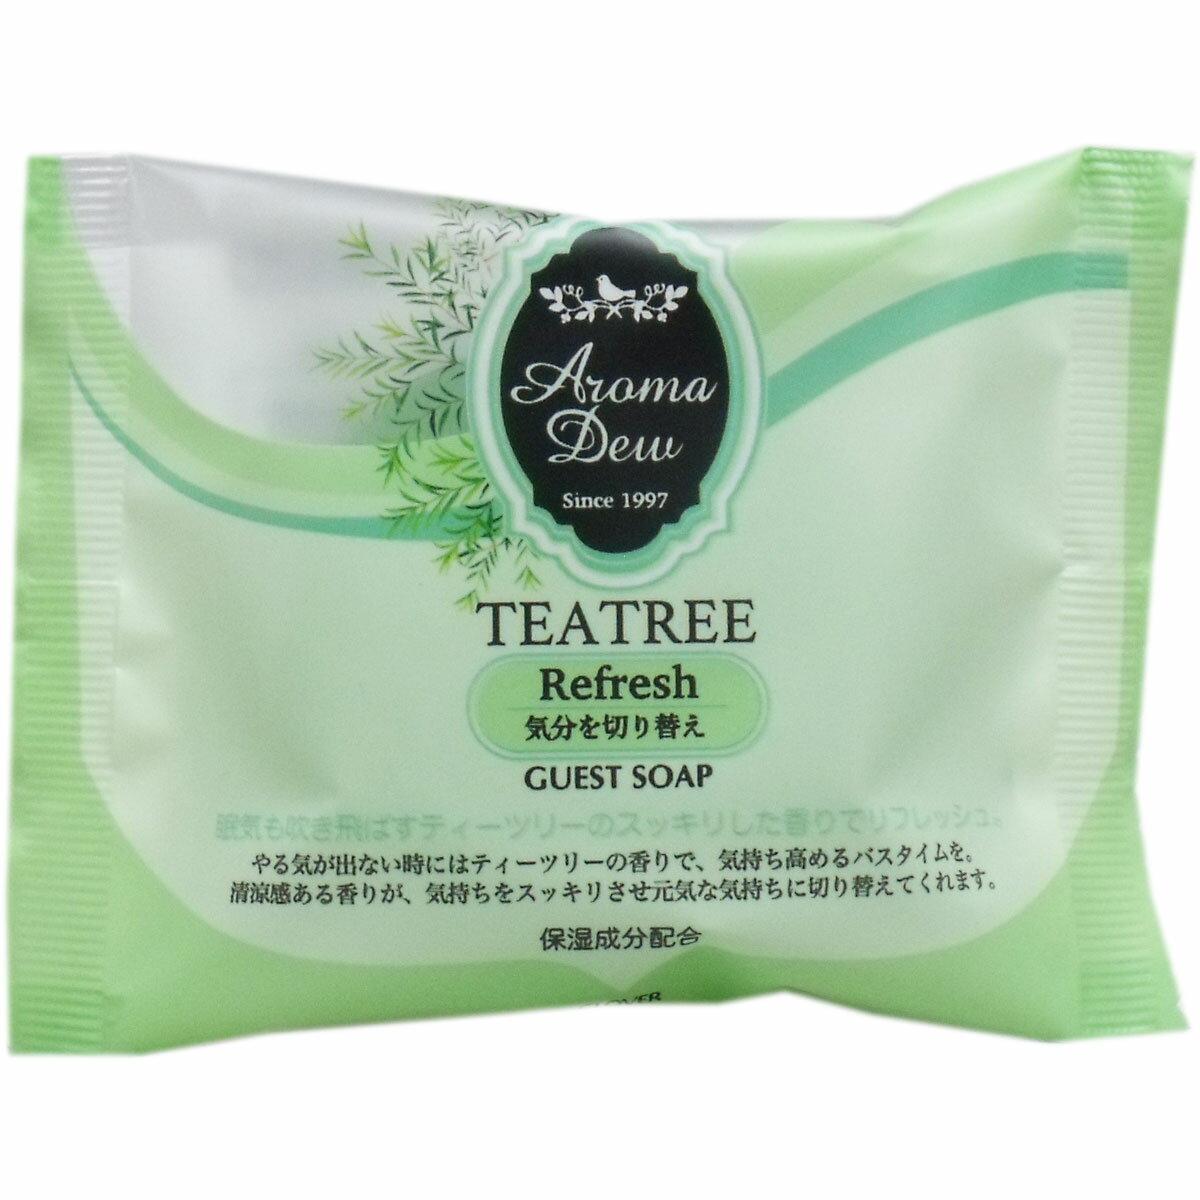 アロマデュウ ゲストソープ ティーツリーの香り (35g)